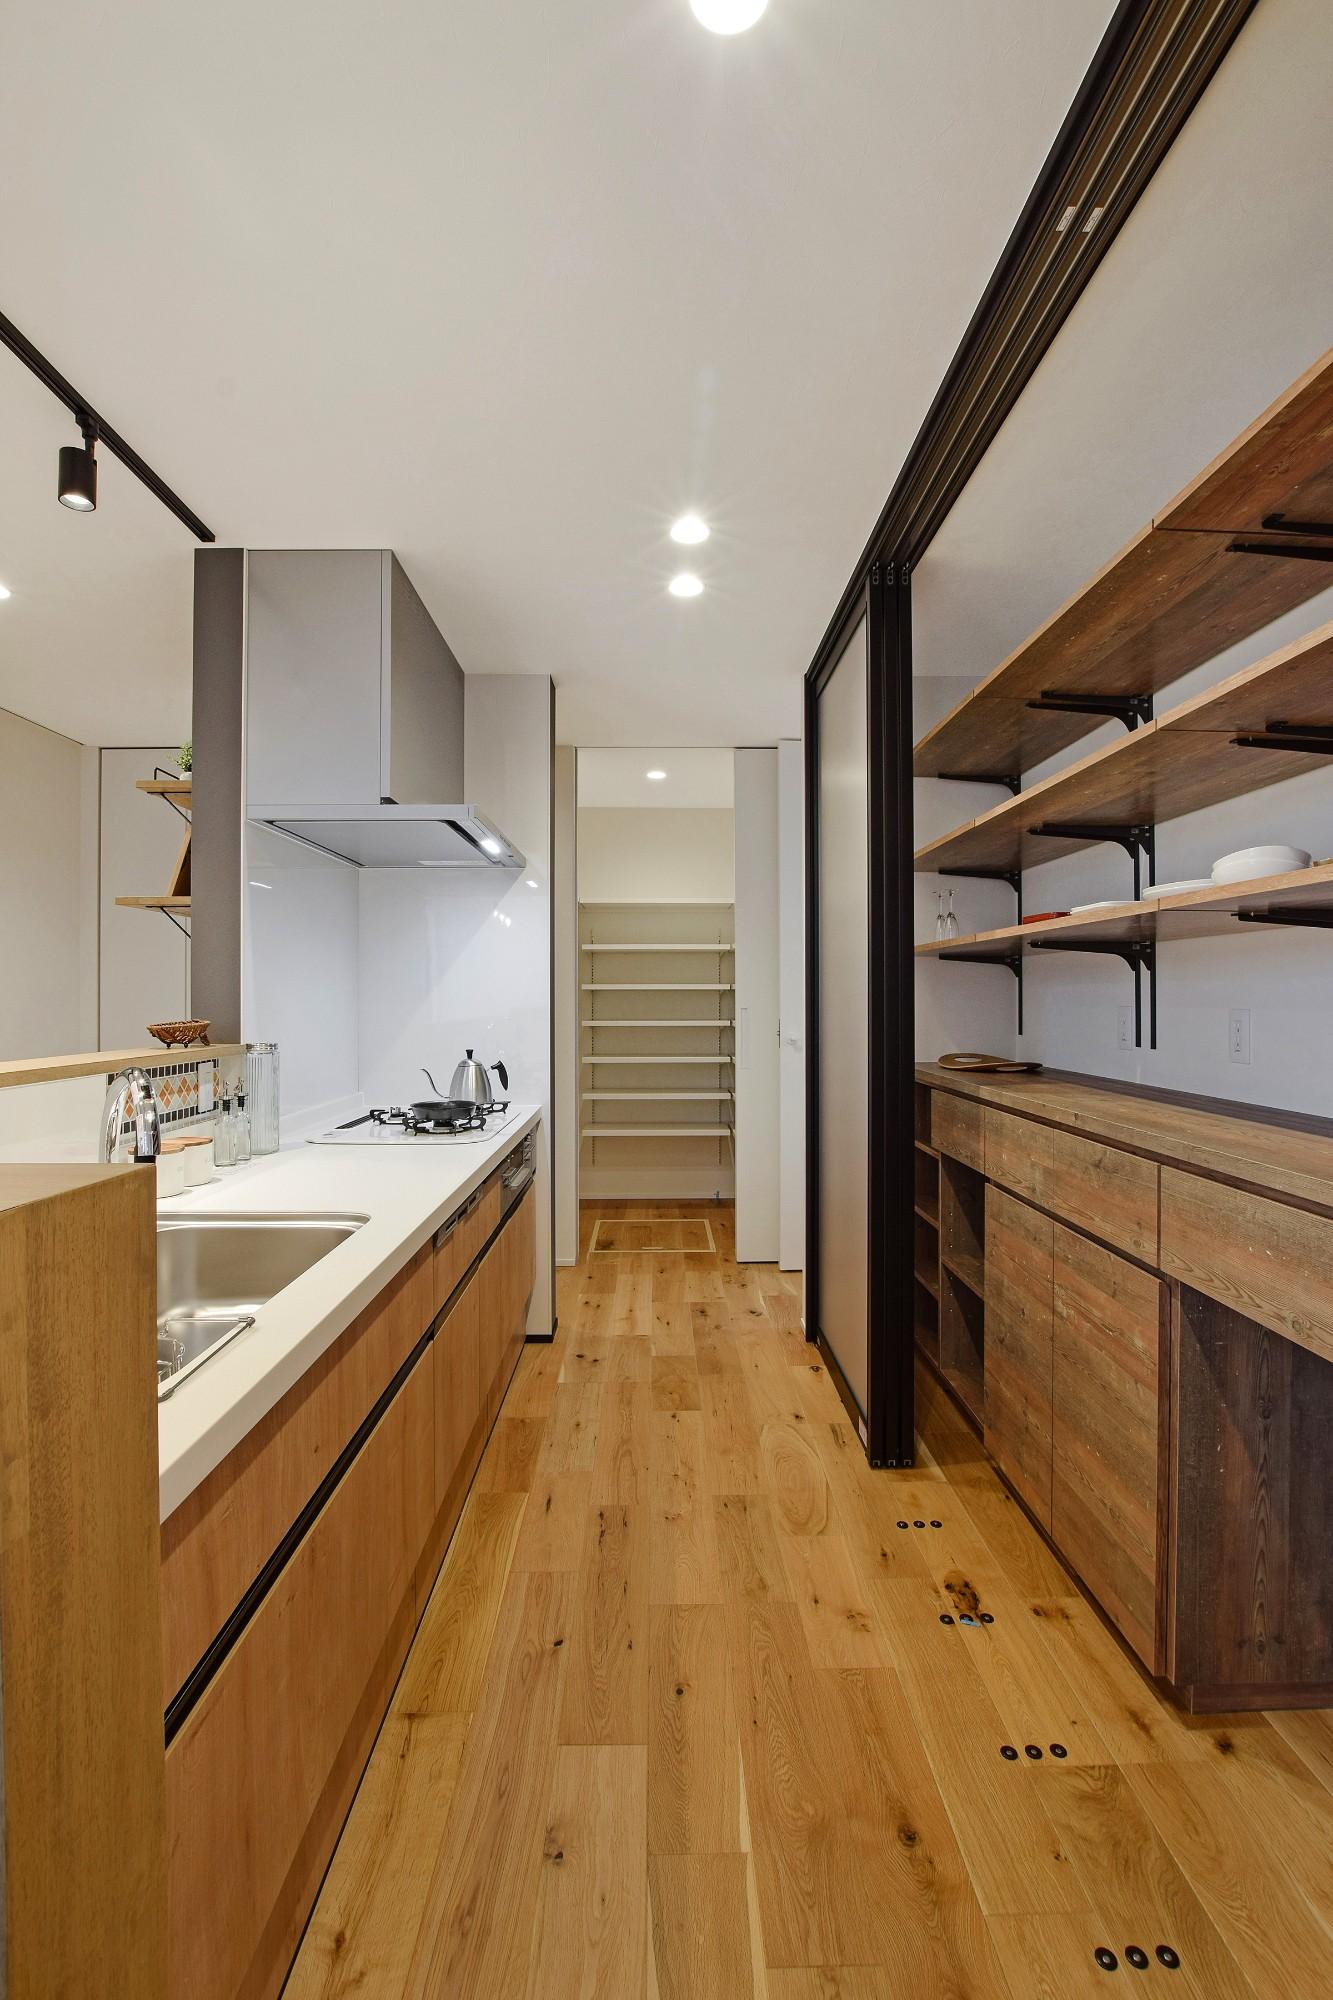 DETAIL HOME(ディテールホーム)「内と外がつながる吹抜け大開口の住まい」のヴィンテージなキッチンの実例写真